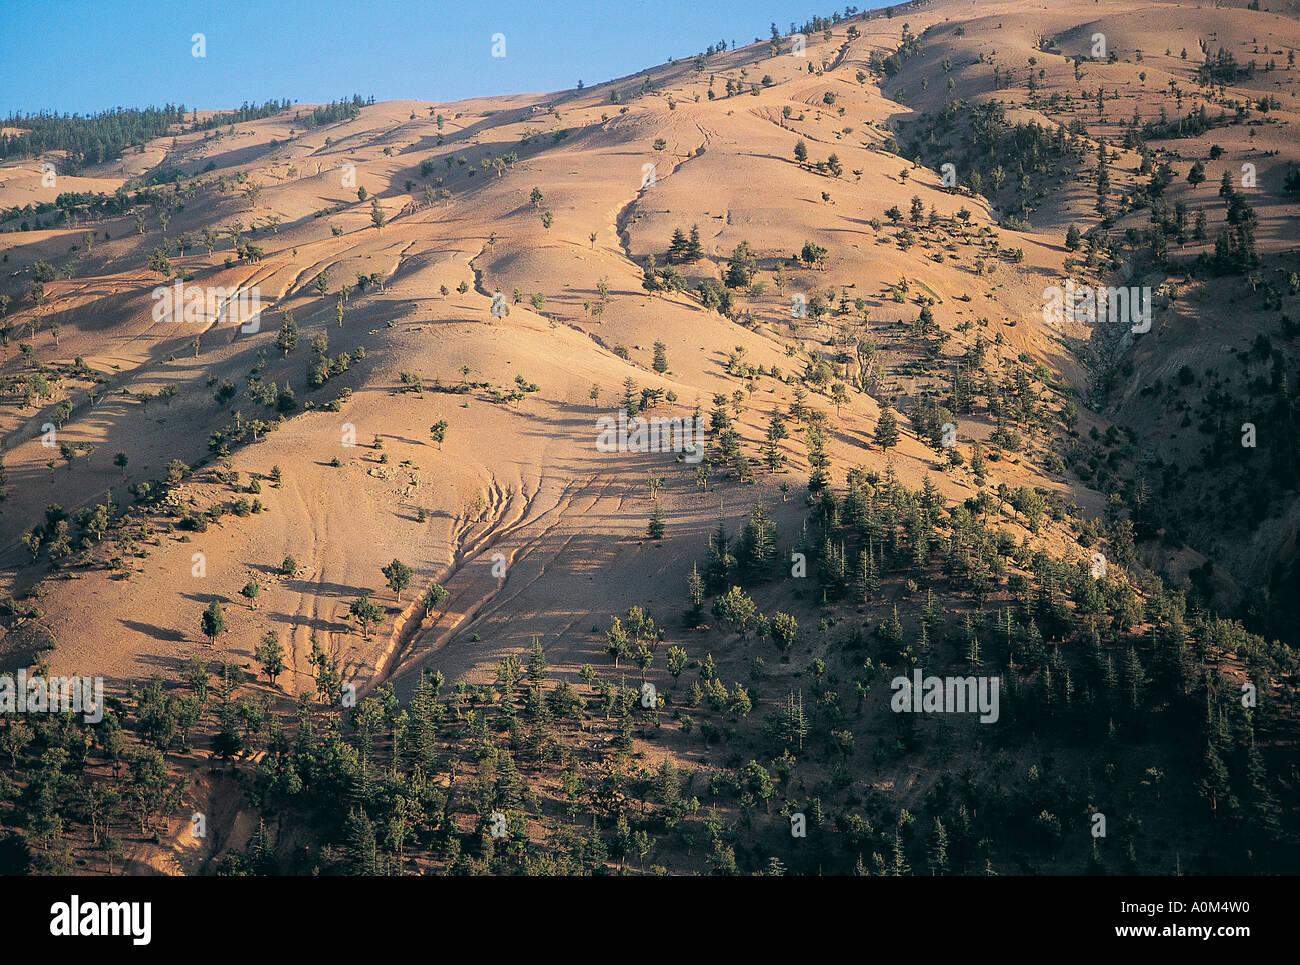 La déforestation et l'érosion qui en résulte, Adana Turquie Photo Stock